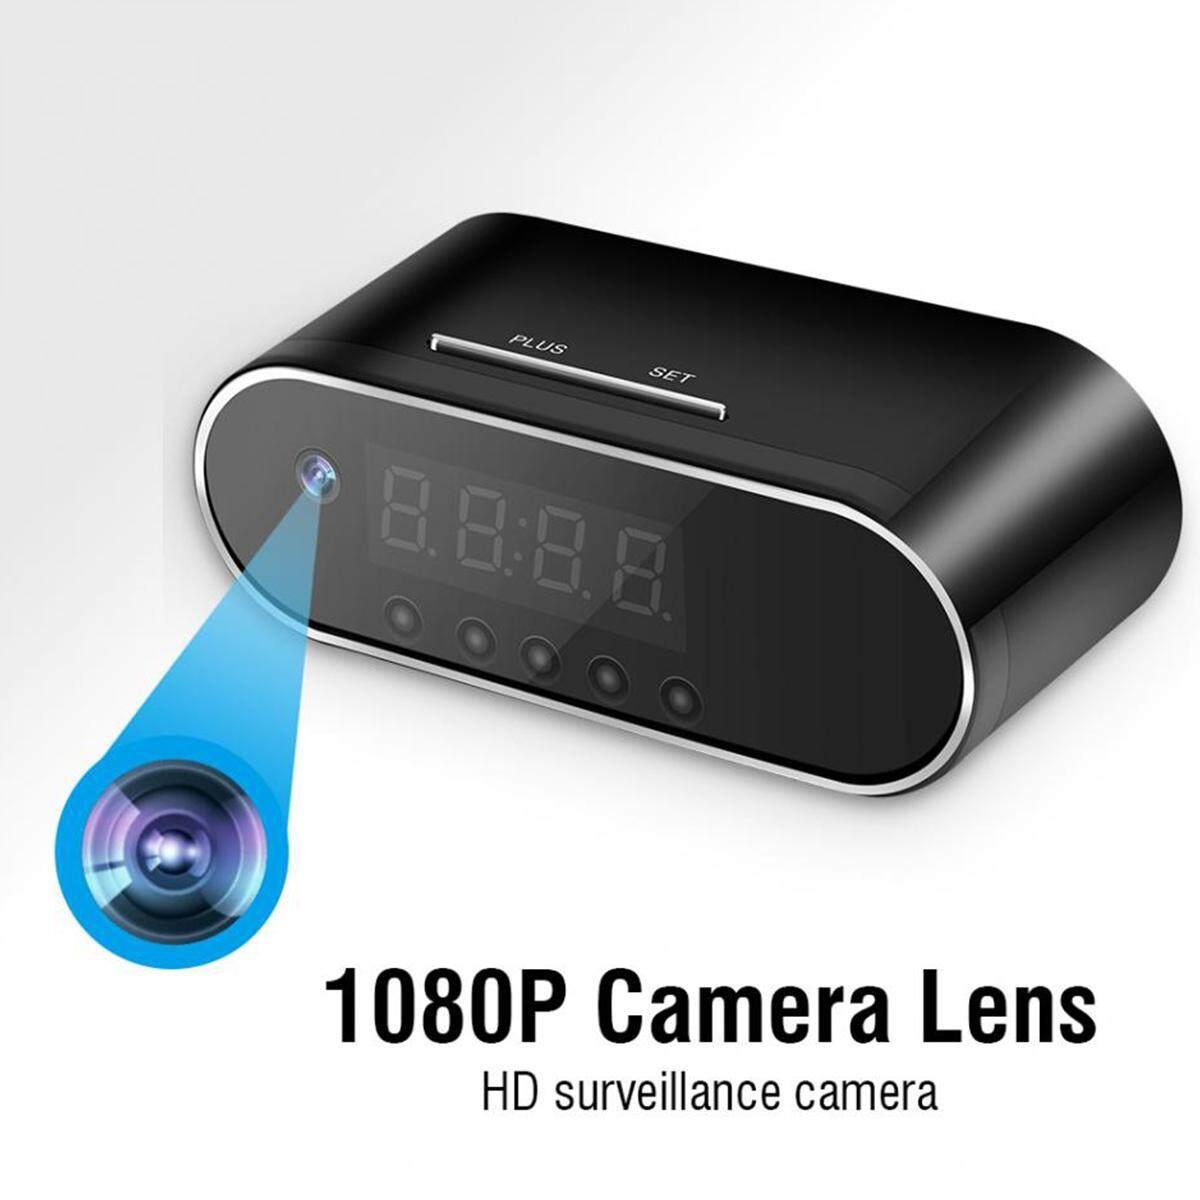 Mới 1080 p HD Đồng Hồ Camera Ẩn WIFI Điều Khiển Che Khuyết Điểm HỒNG NGOẠI Xem Đêm Báo Động Đồng Hồ Kỹ Thuật Số Video Camera Mini DV ĐẦU GHI HÌNH Camera Nhật Bản